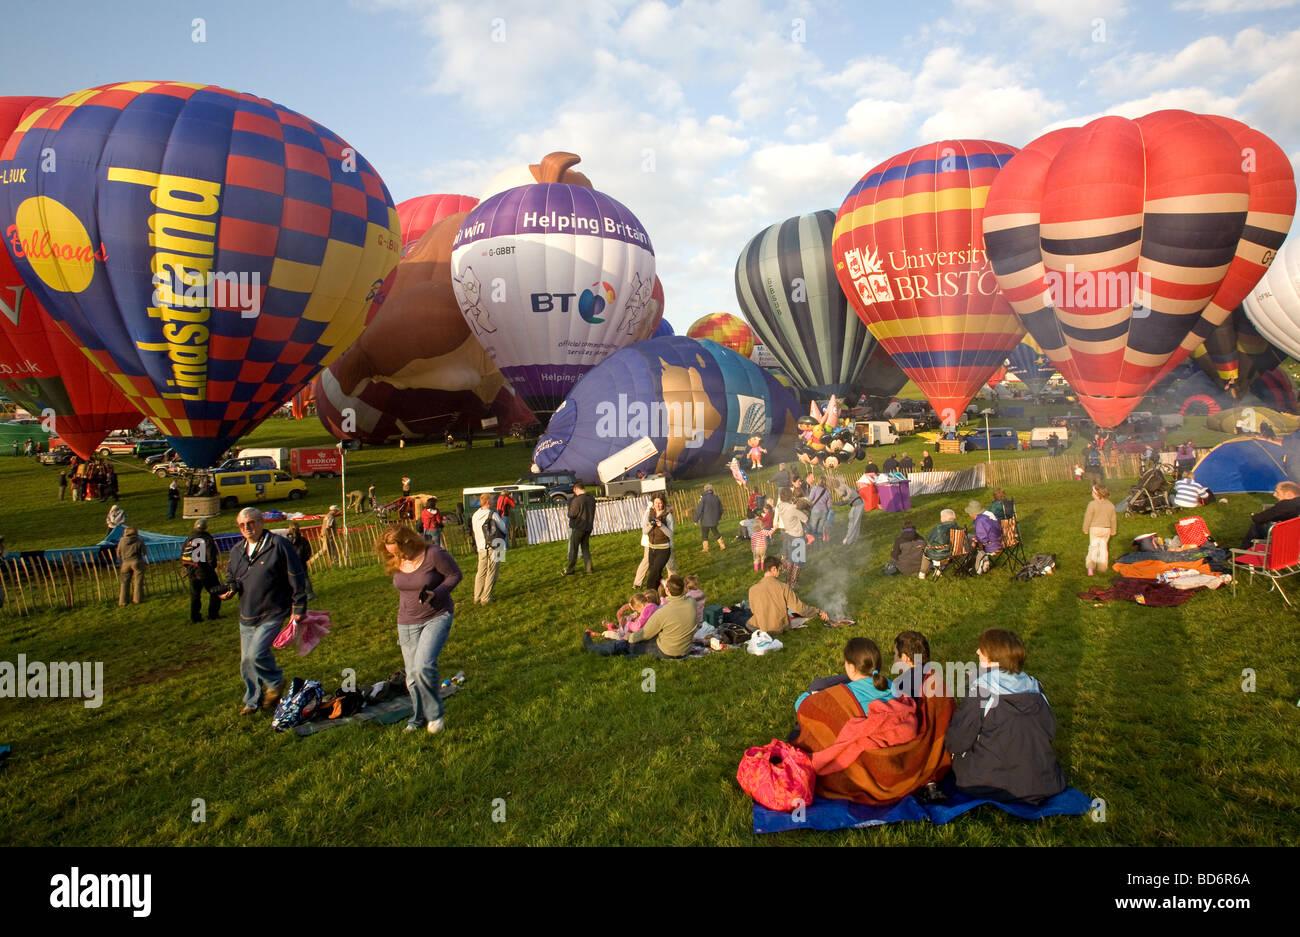 Bristol Hot-Air Balloon Fiesta 2009 temprano en la mañana, preparándose para el despegue de globos con espectadores Foto de stock